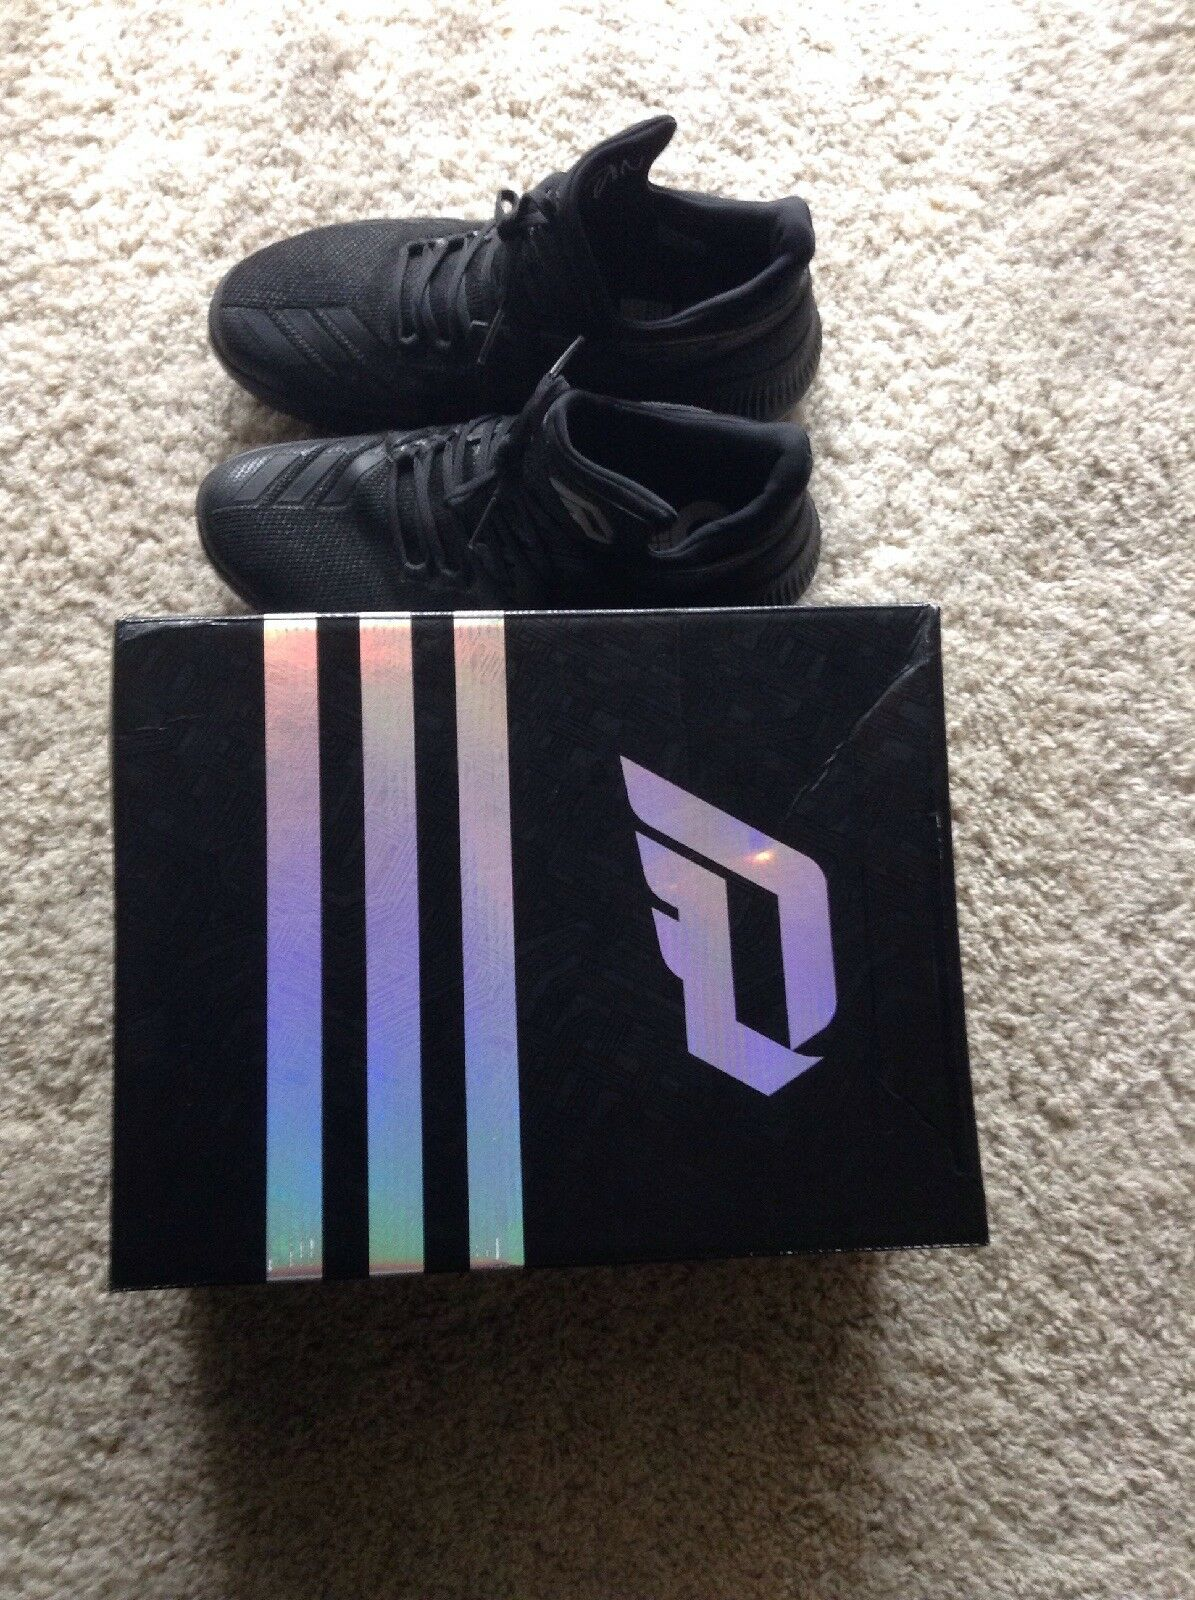 Adidas d lillard 3 iii damian dame luci nero 9.5 grigio rimbalzare aumentare dimensioni 9.5 nero 96355f